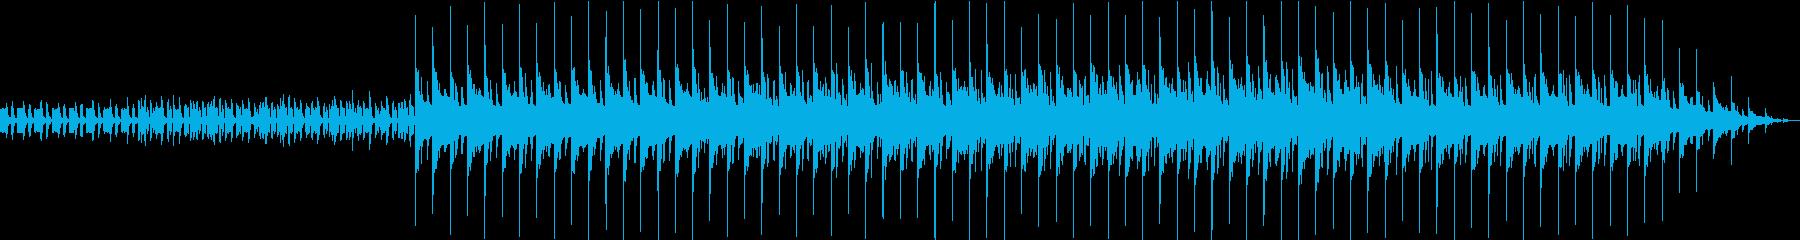 閉幕、終演などの際に流れるコミカルな曲の再生済みの波形